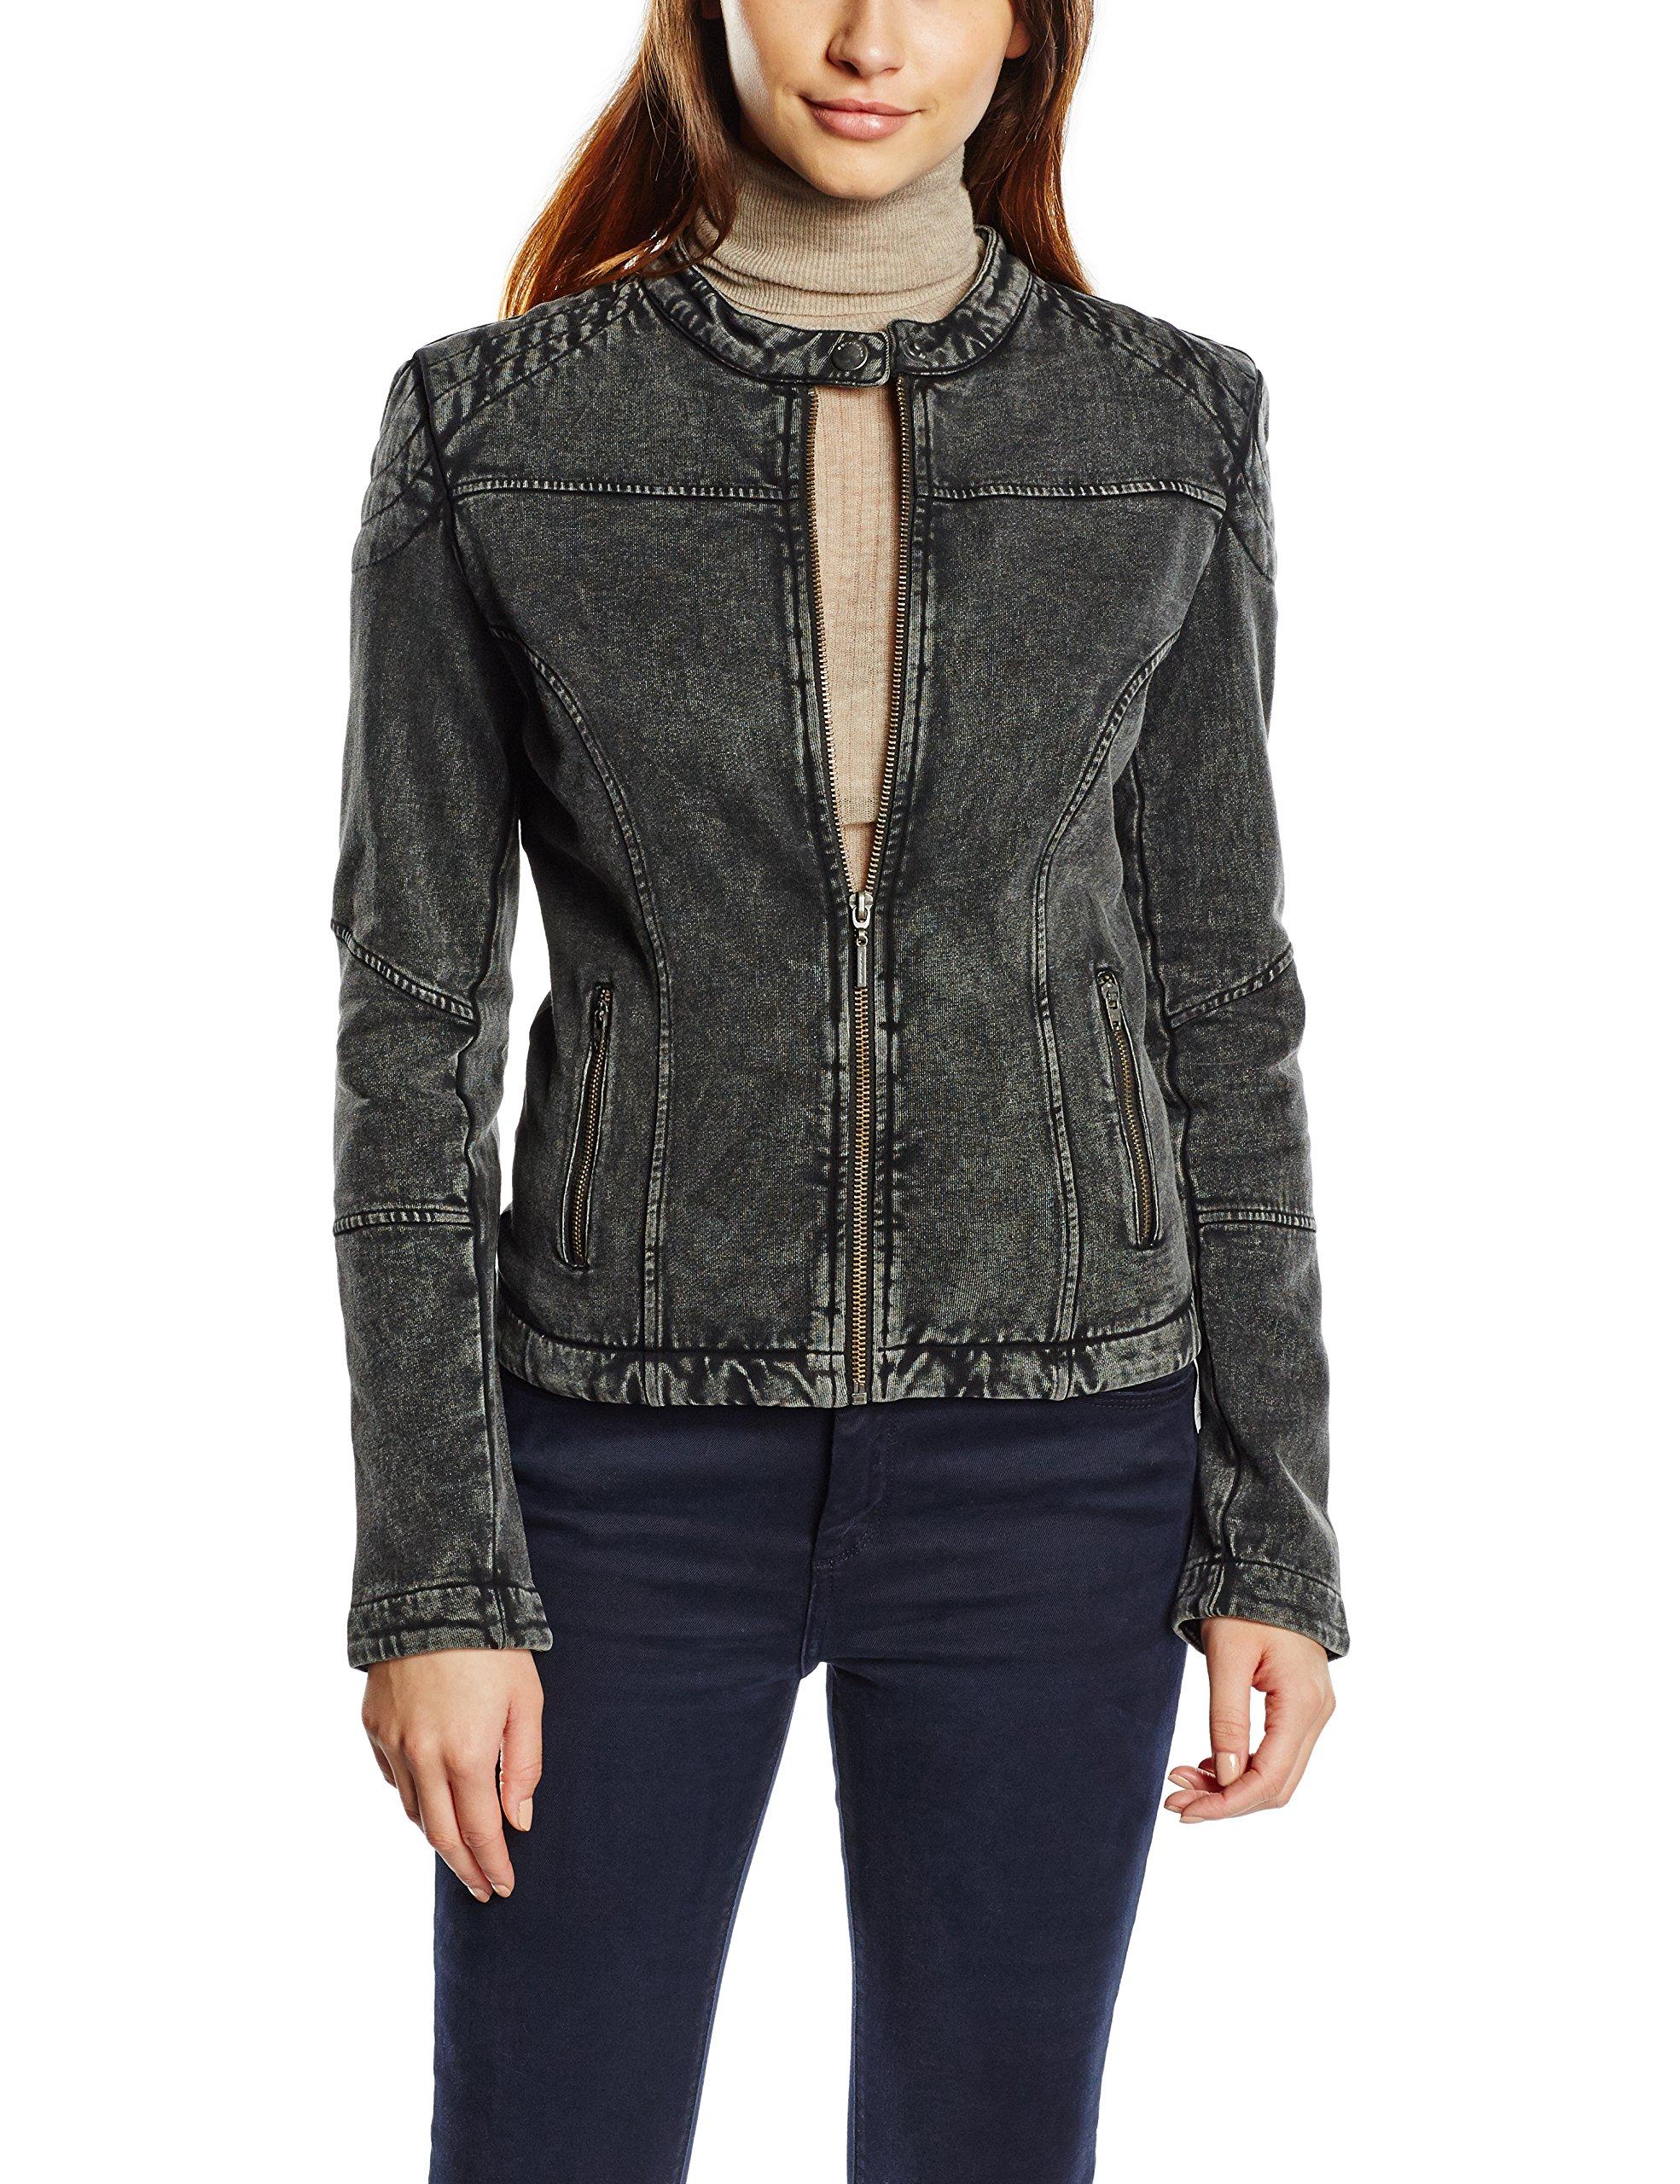 SweaterManteau Fornarina Auron FemmeNoir board 0040 Cotton schwarzblack WHeED2Y9I